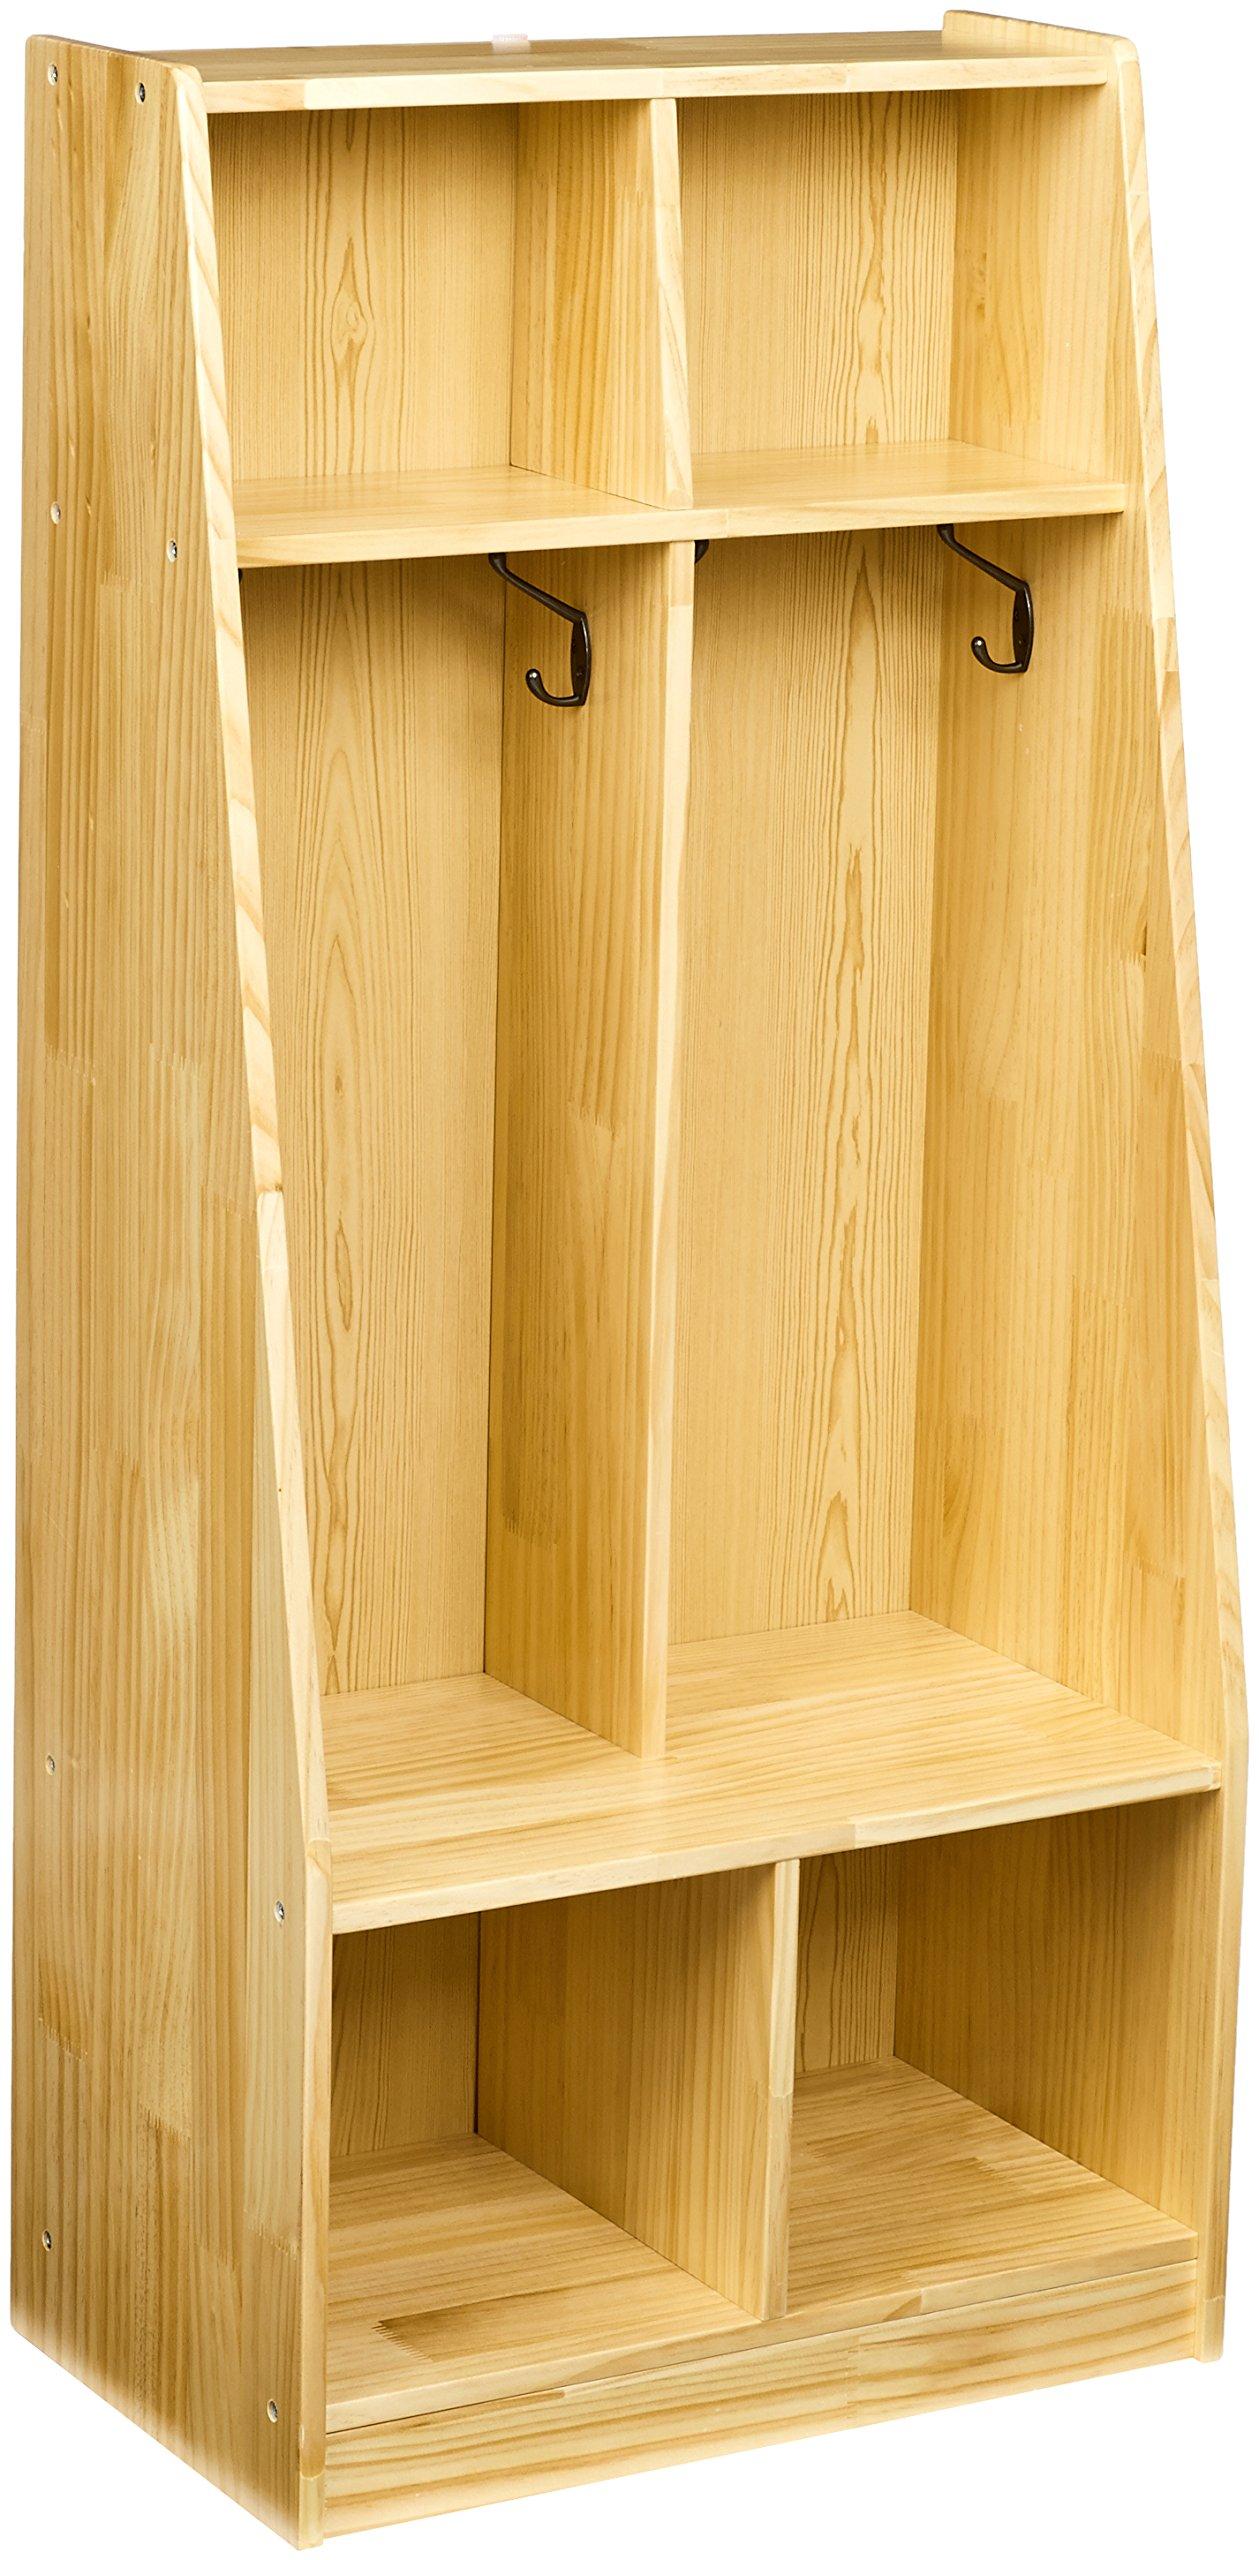 AmazonBasics Coat Locker, 2-Section with Bench